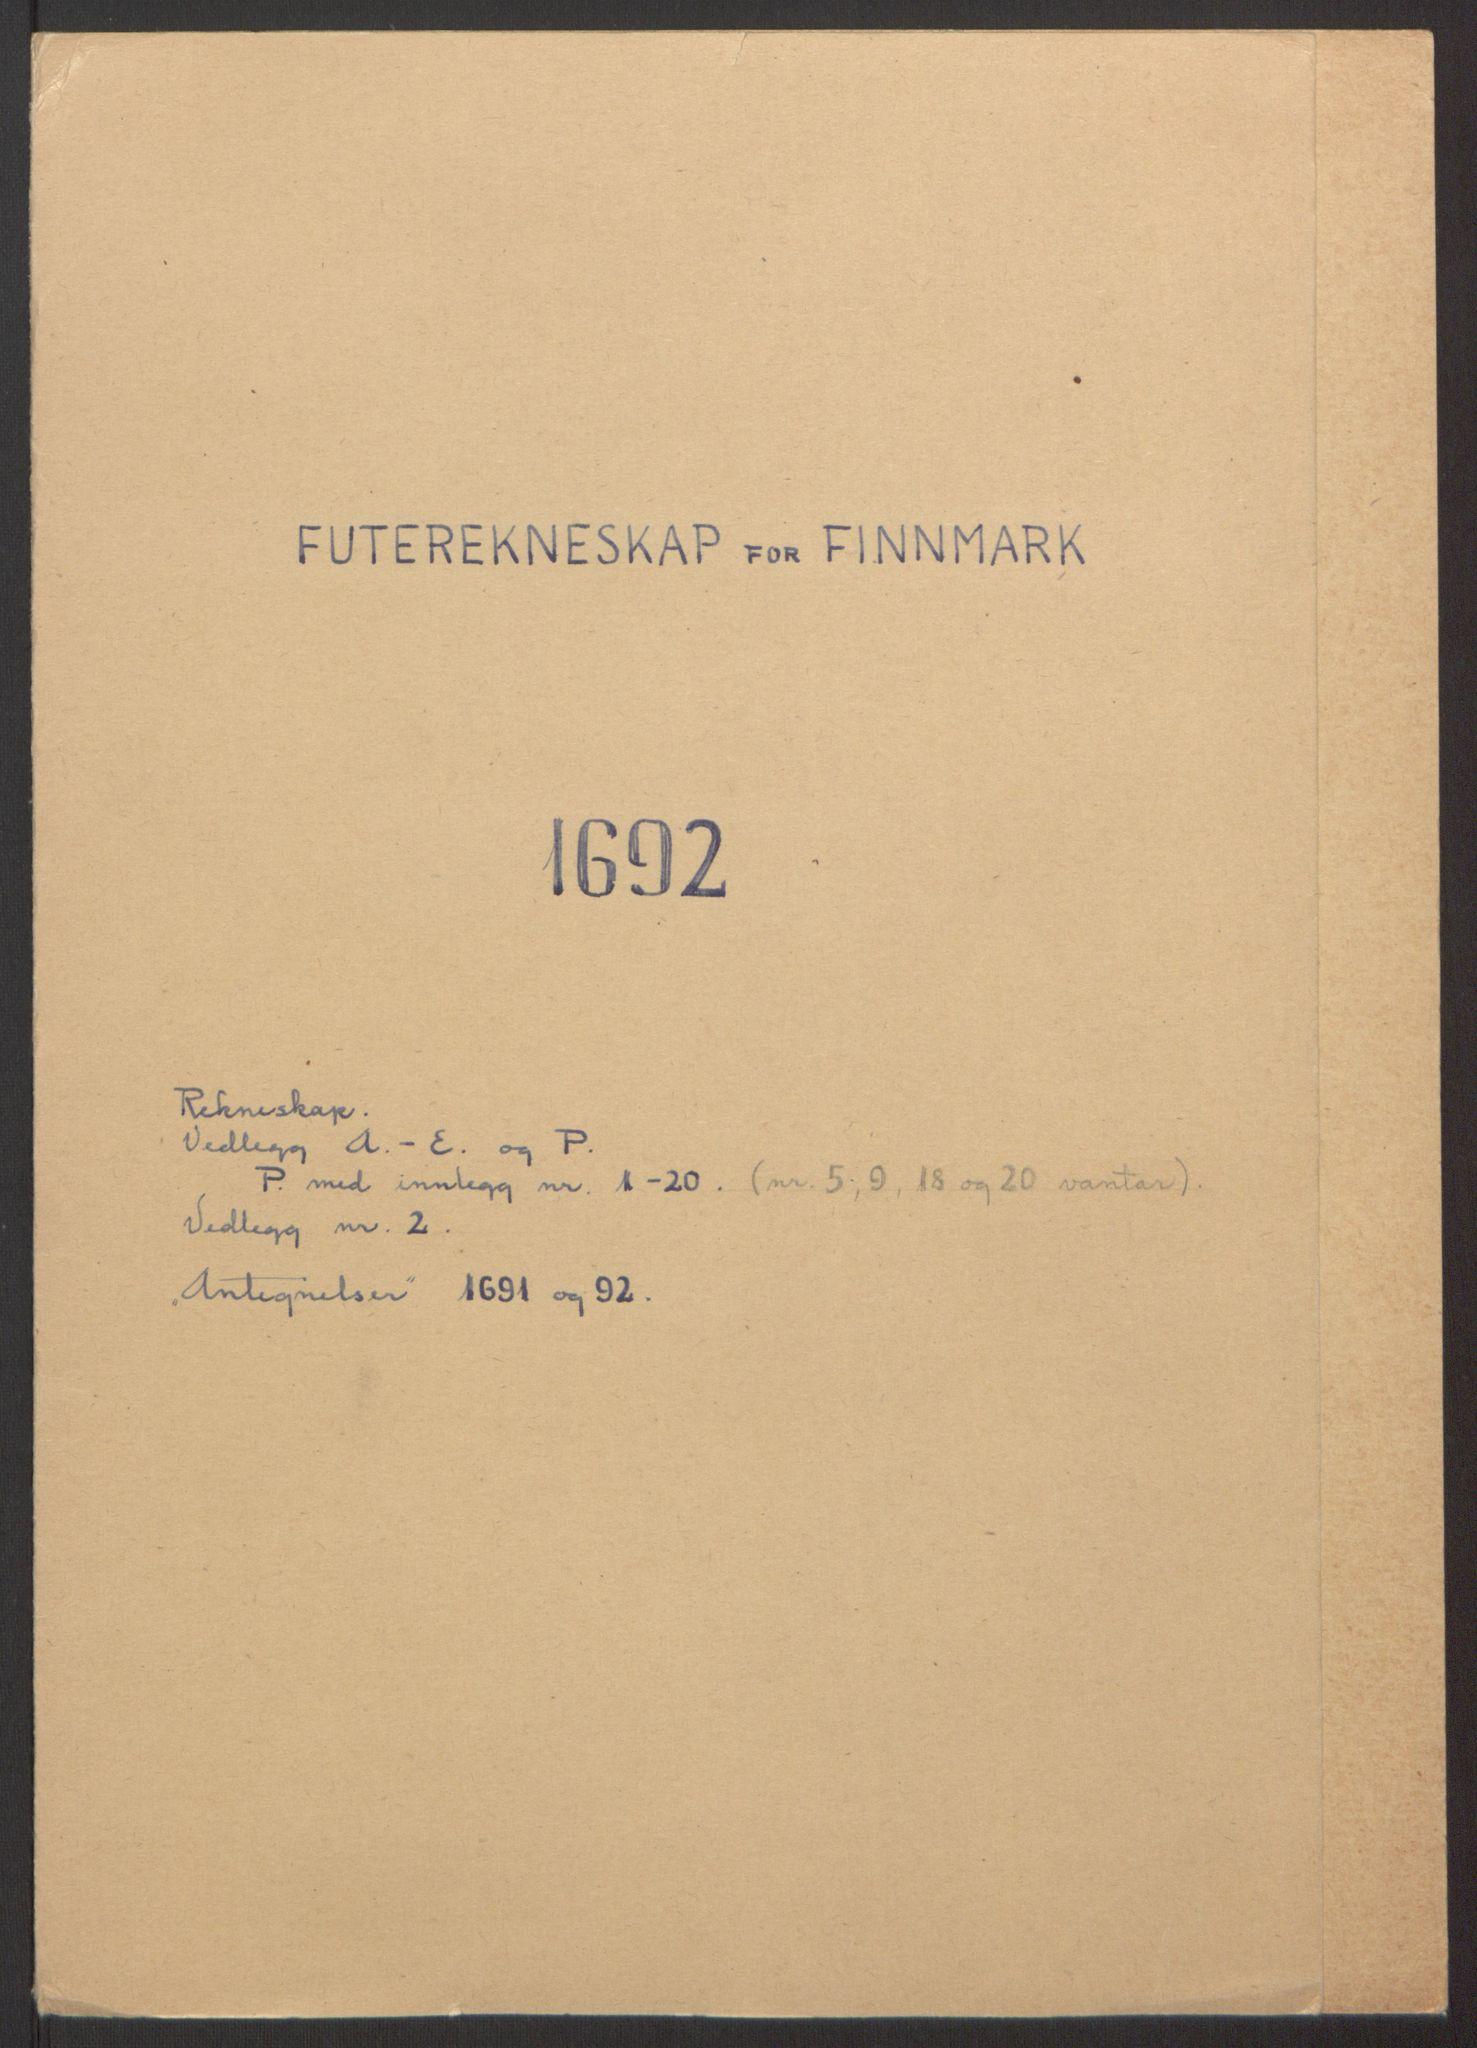 RA, Rentekammeret inntil 1814, Reviderte regnskaper, Fogderegnskap, R69/L4851: Fogderegnskap Finnmark/Vardøhus, 1691-1700, s. 132